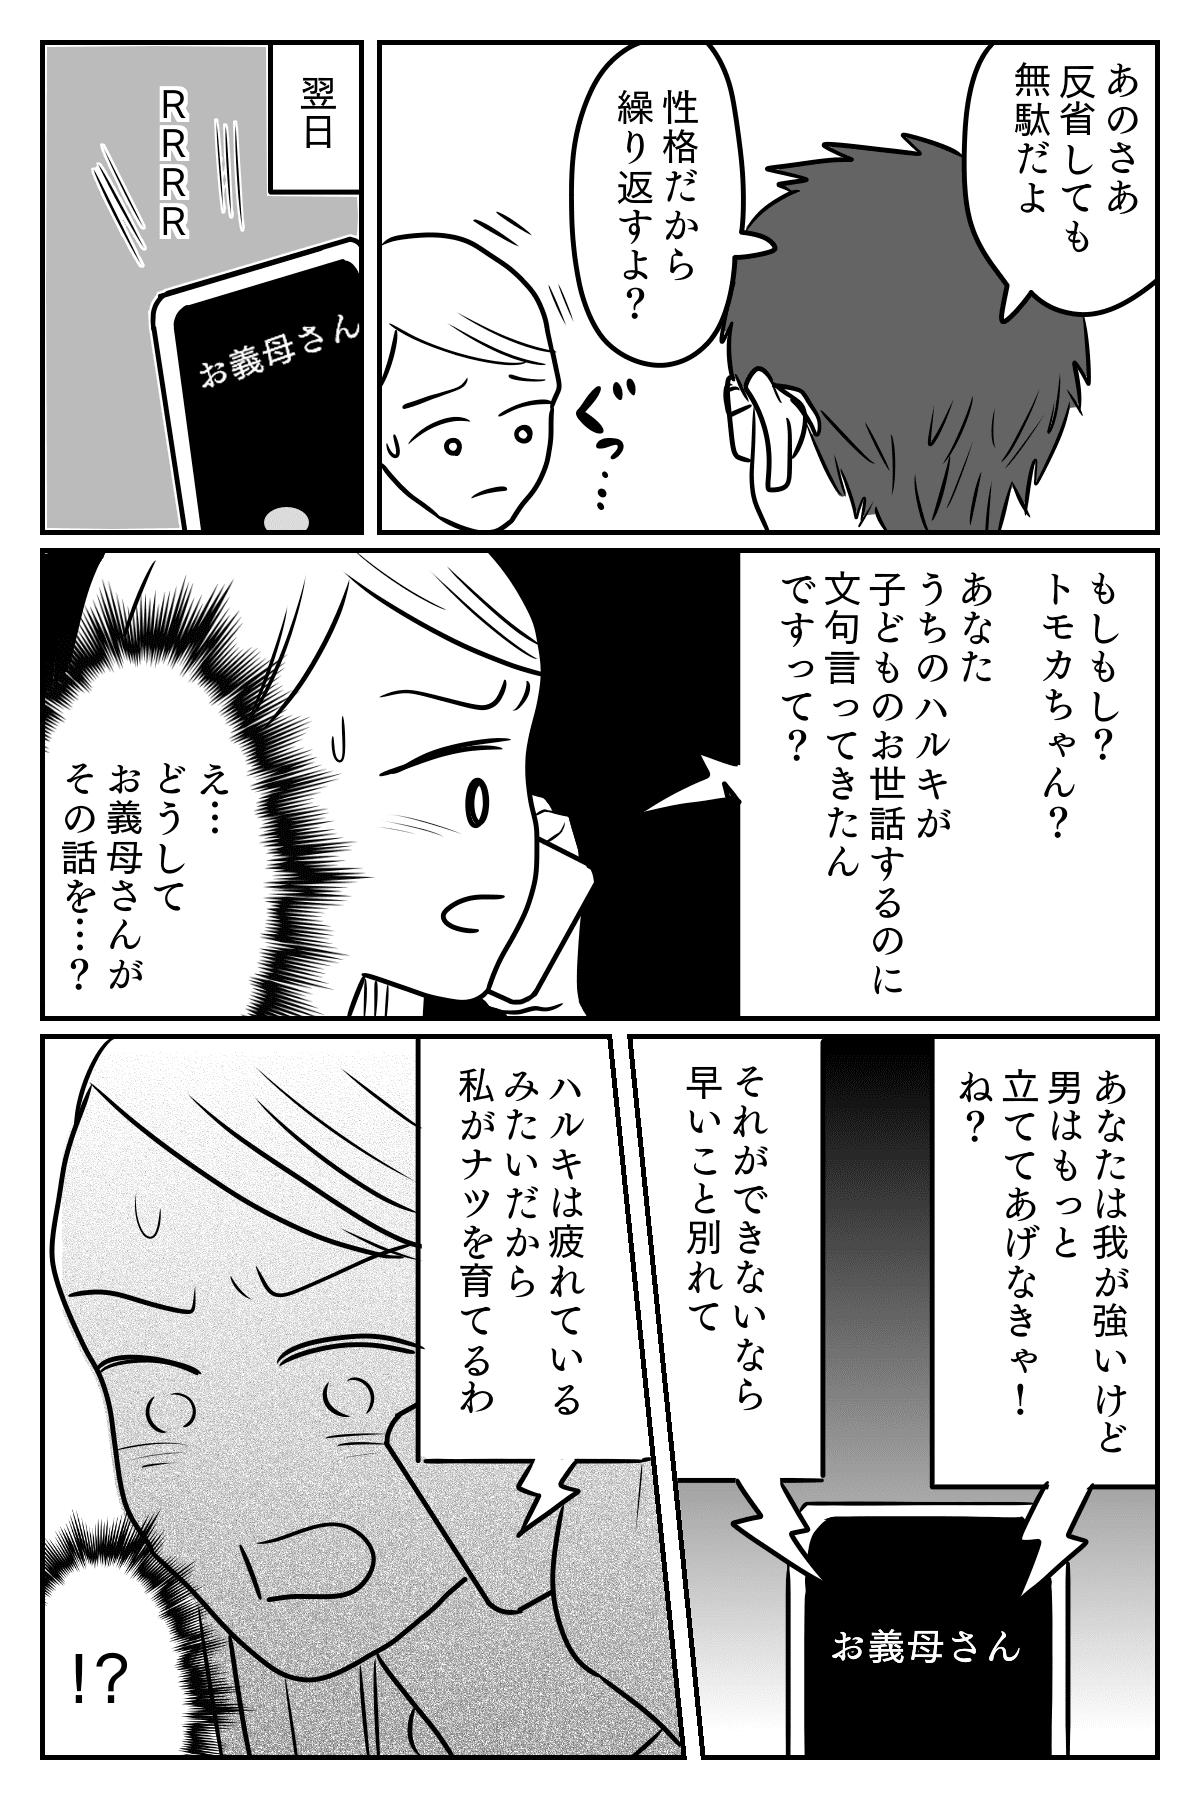 耳鼻科1-3